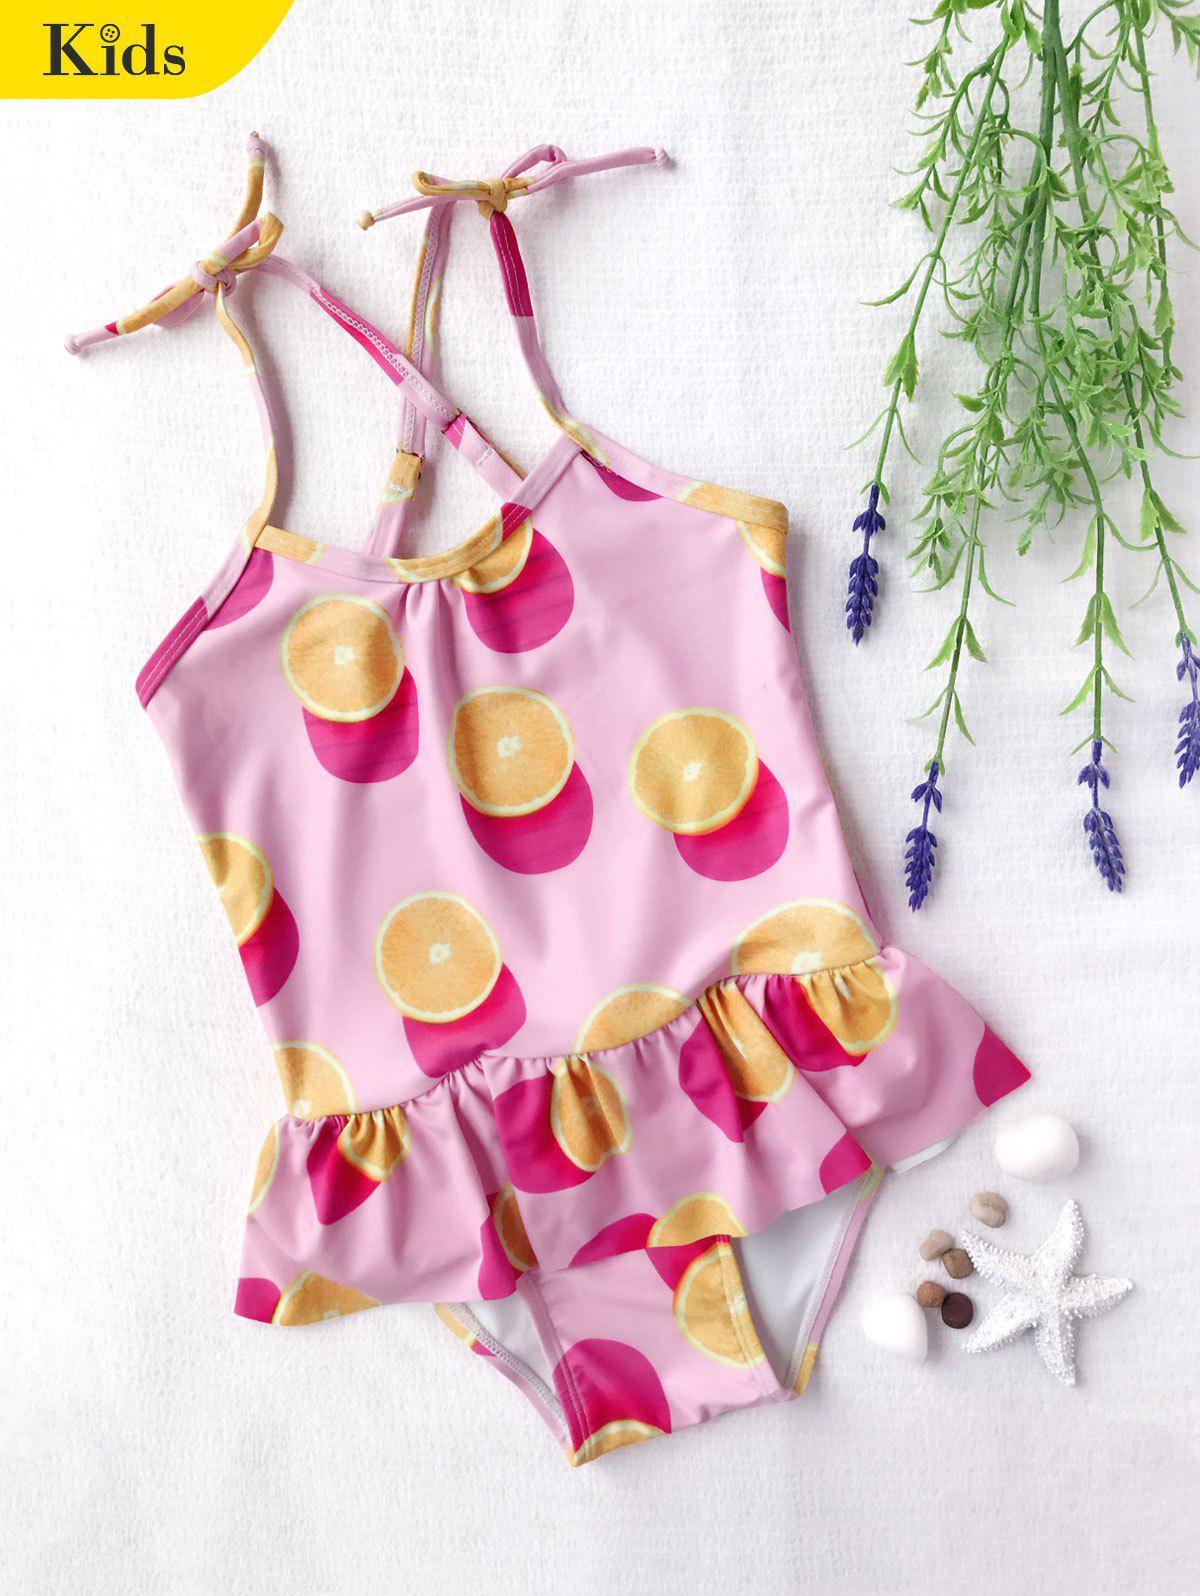 Bow Tie Orange Print Kids One Piece Swimsuit 220220001